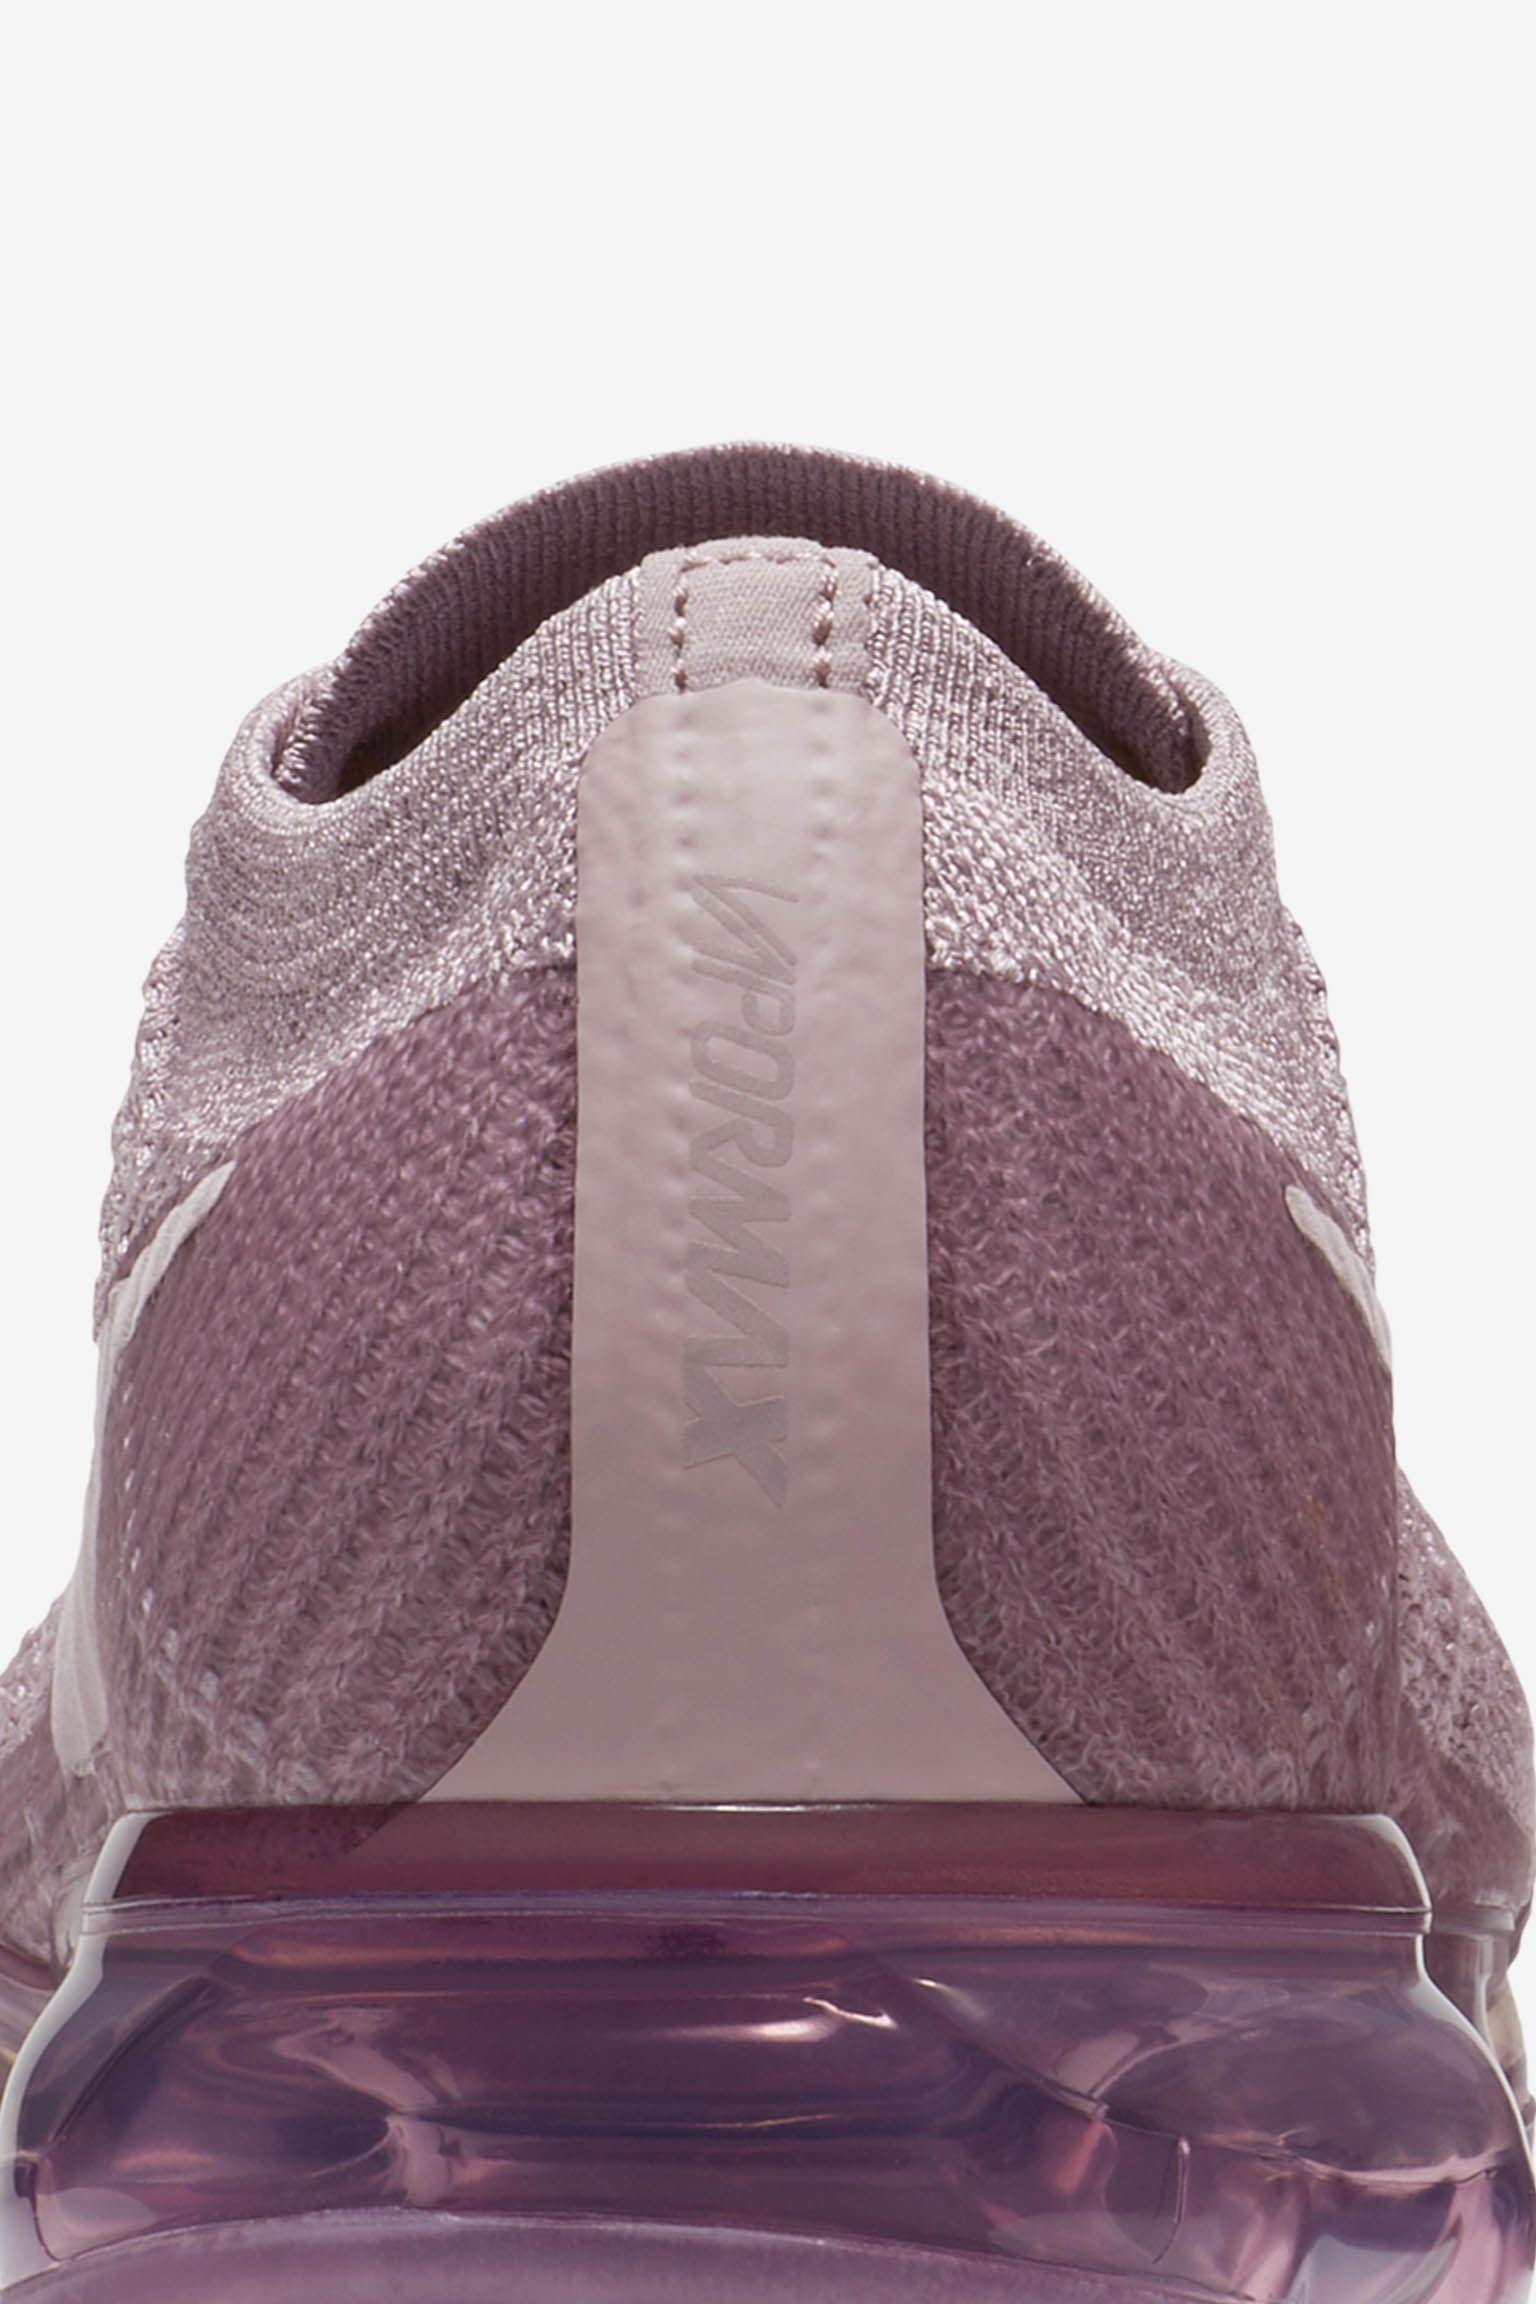 Nike Women's Air Vapormax 'Plum Fog' Release Date